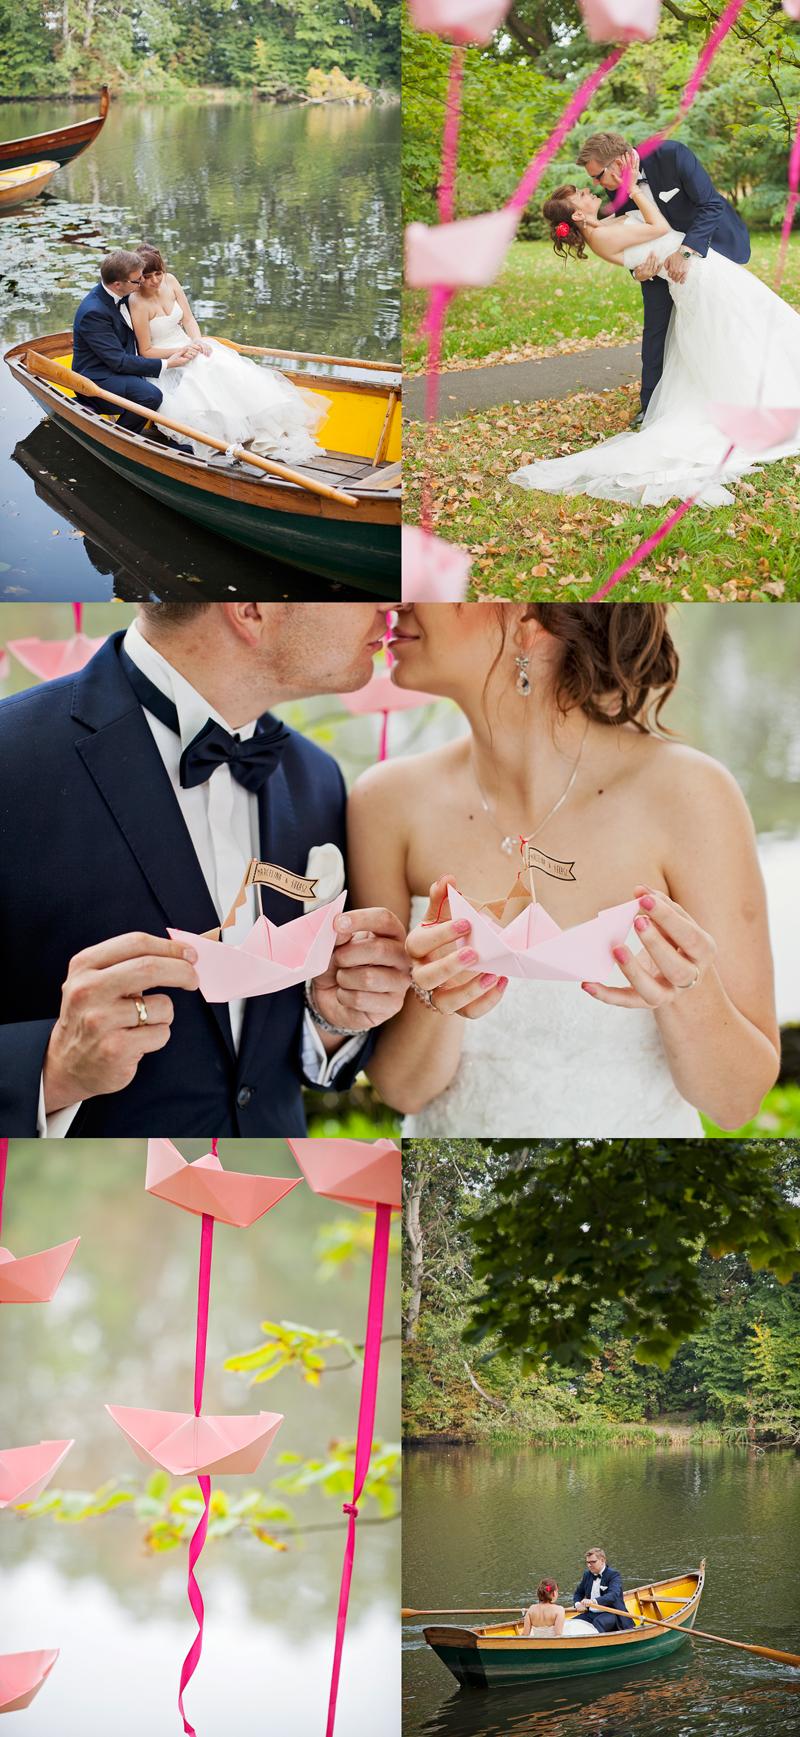 plener ślubny w wilanowie z łódkami